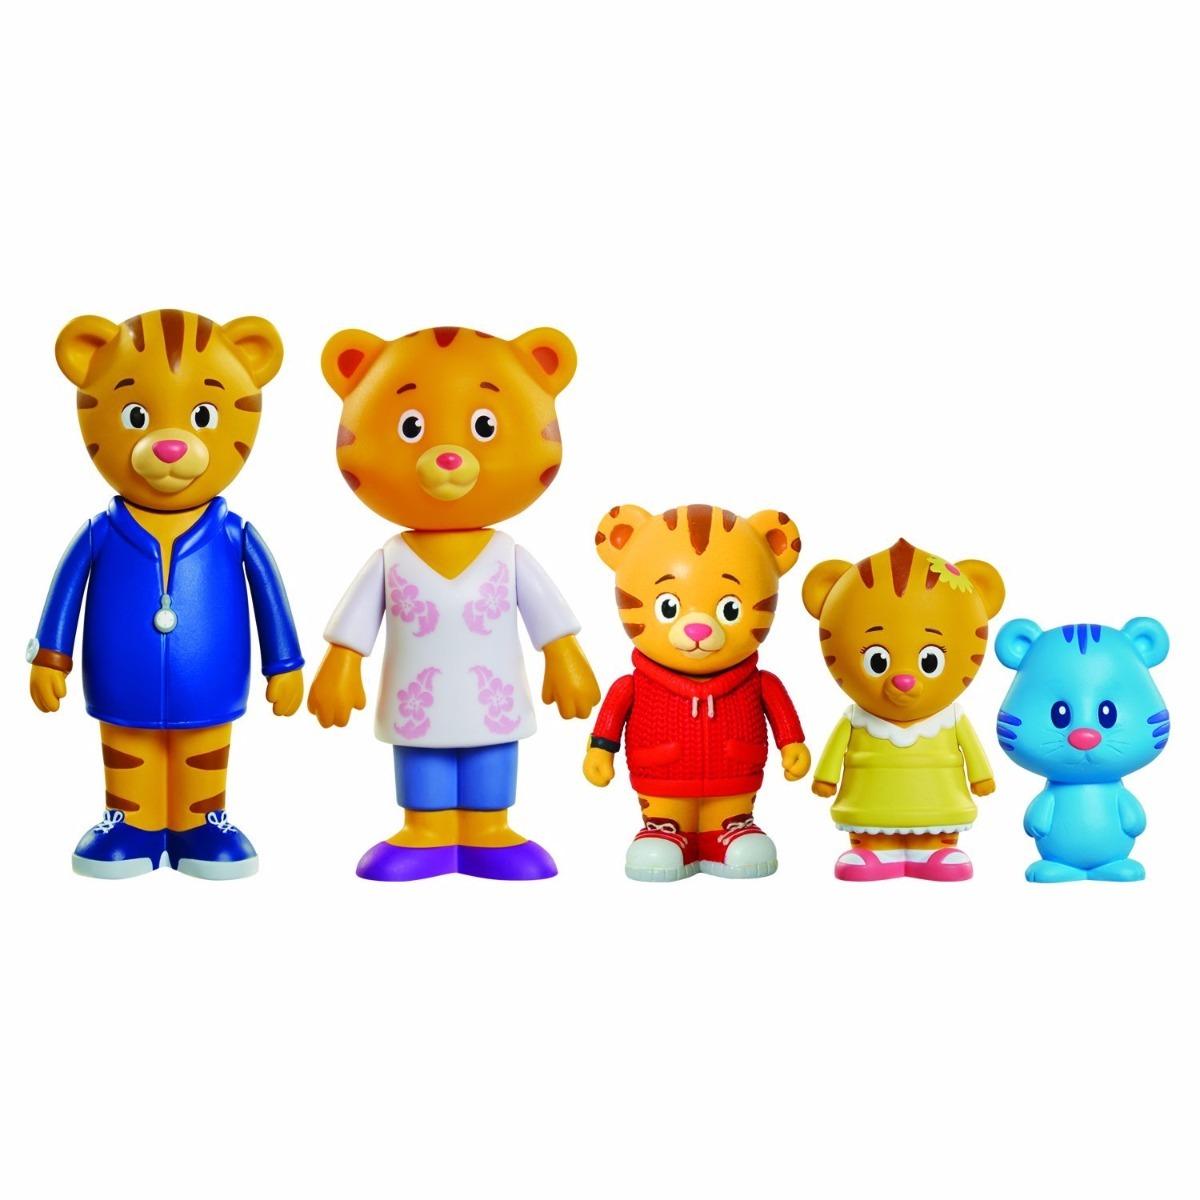 Kit Figuras Daniel Tigre Familia Com 5 Personagens R 145 00 Em